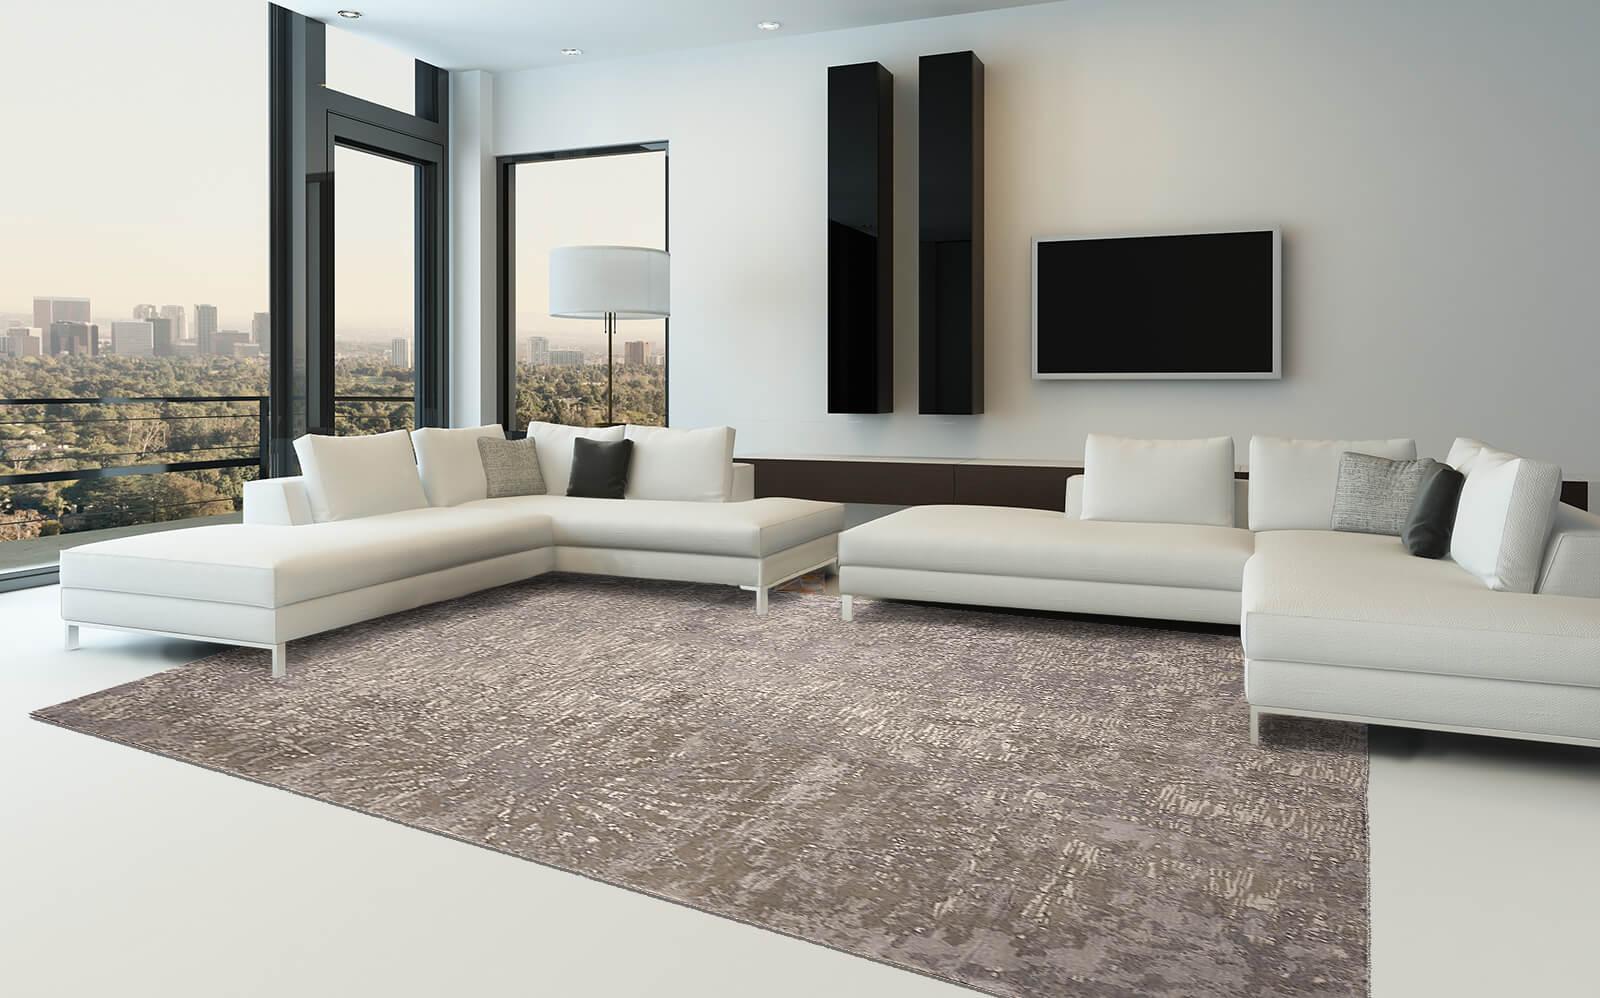 aaloo-modern-design-tapijt-luxe-moderne-exclusieve-design-tapijten-luxe-vloerkleden-haute-couture-koreman-maastricht